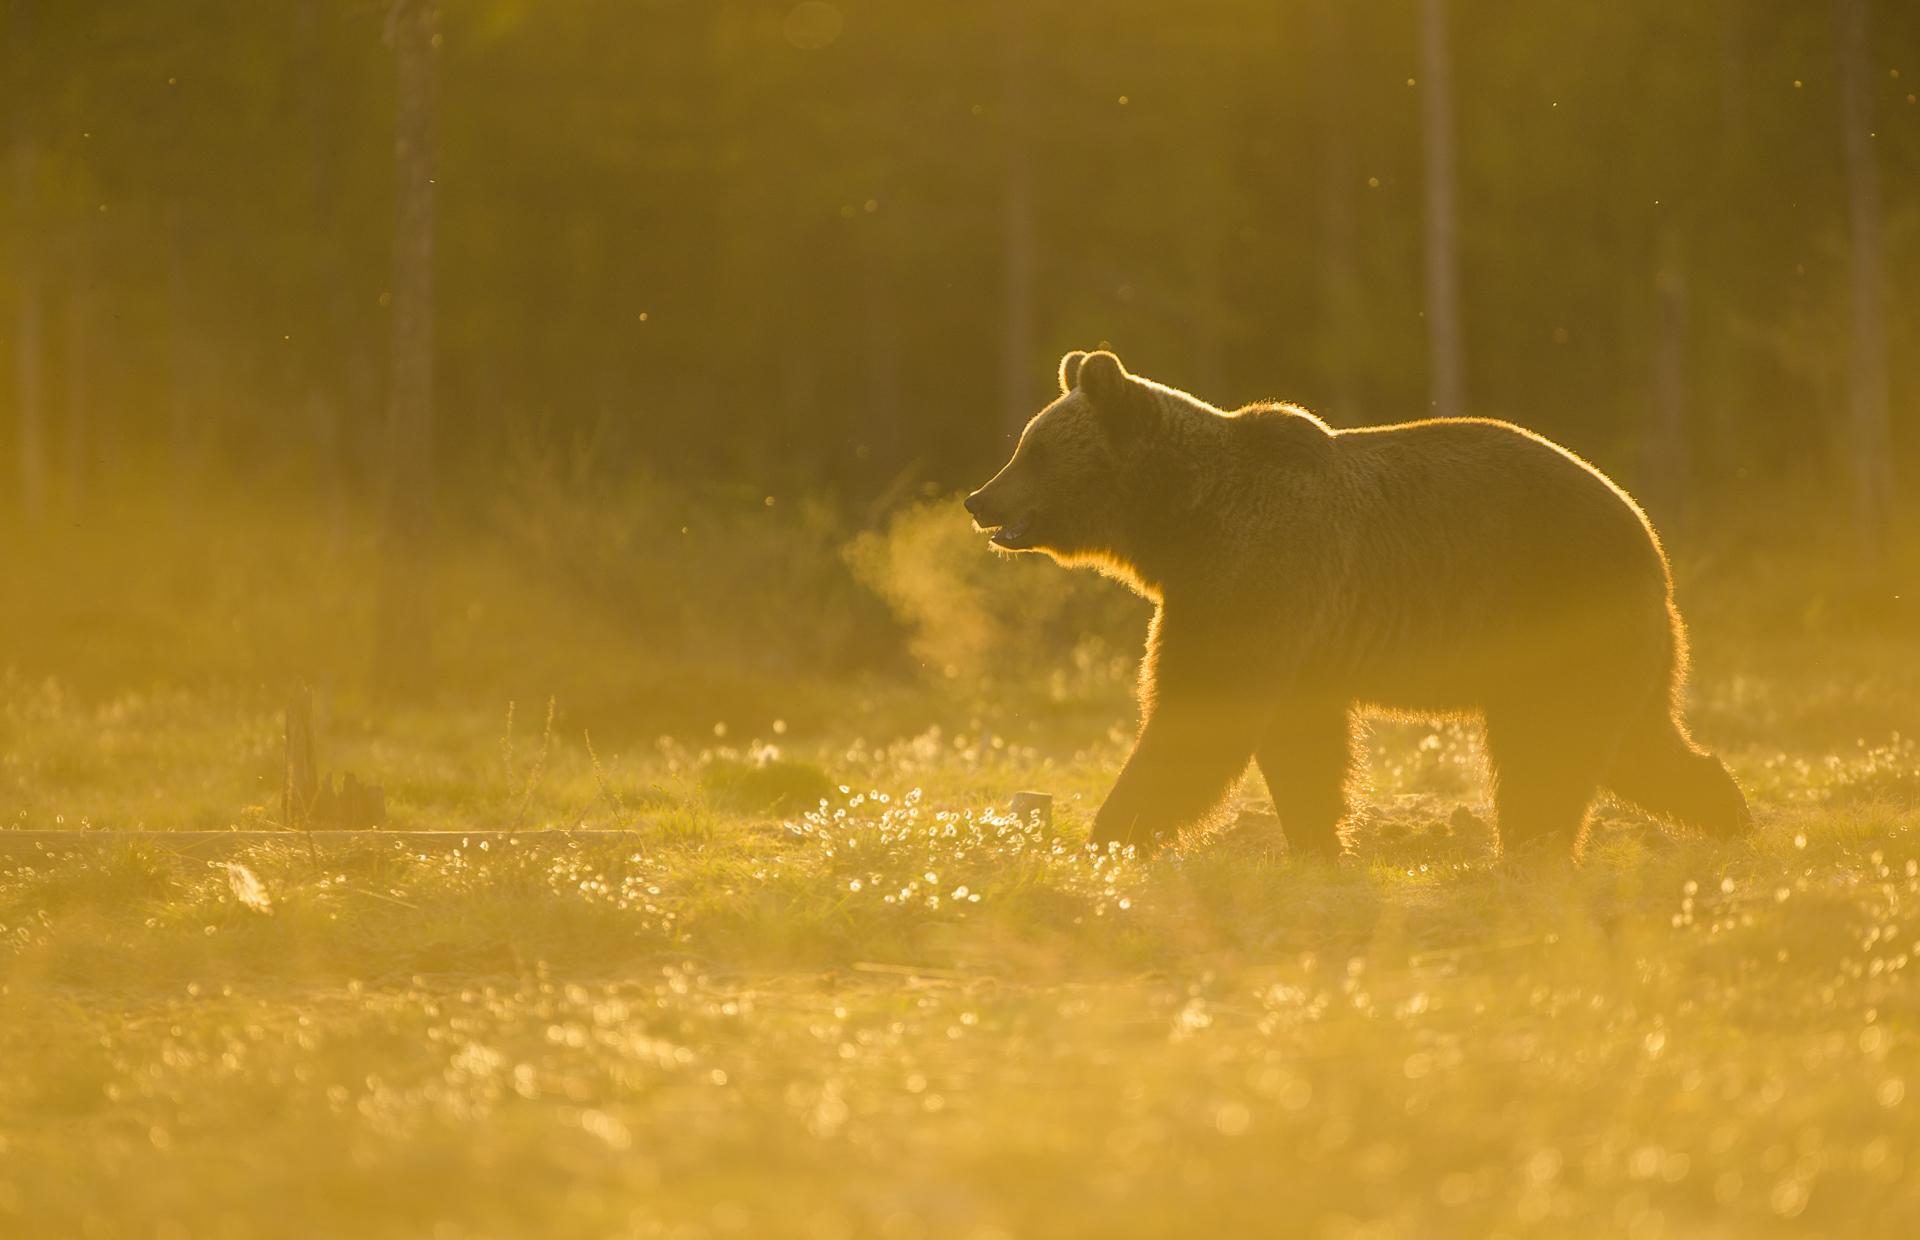 A European brown bear in golden Finnish light.